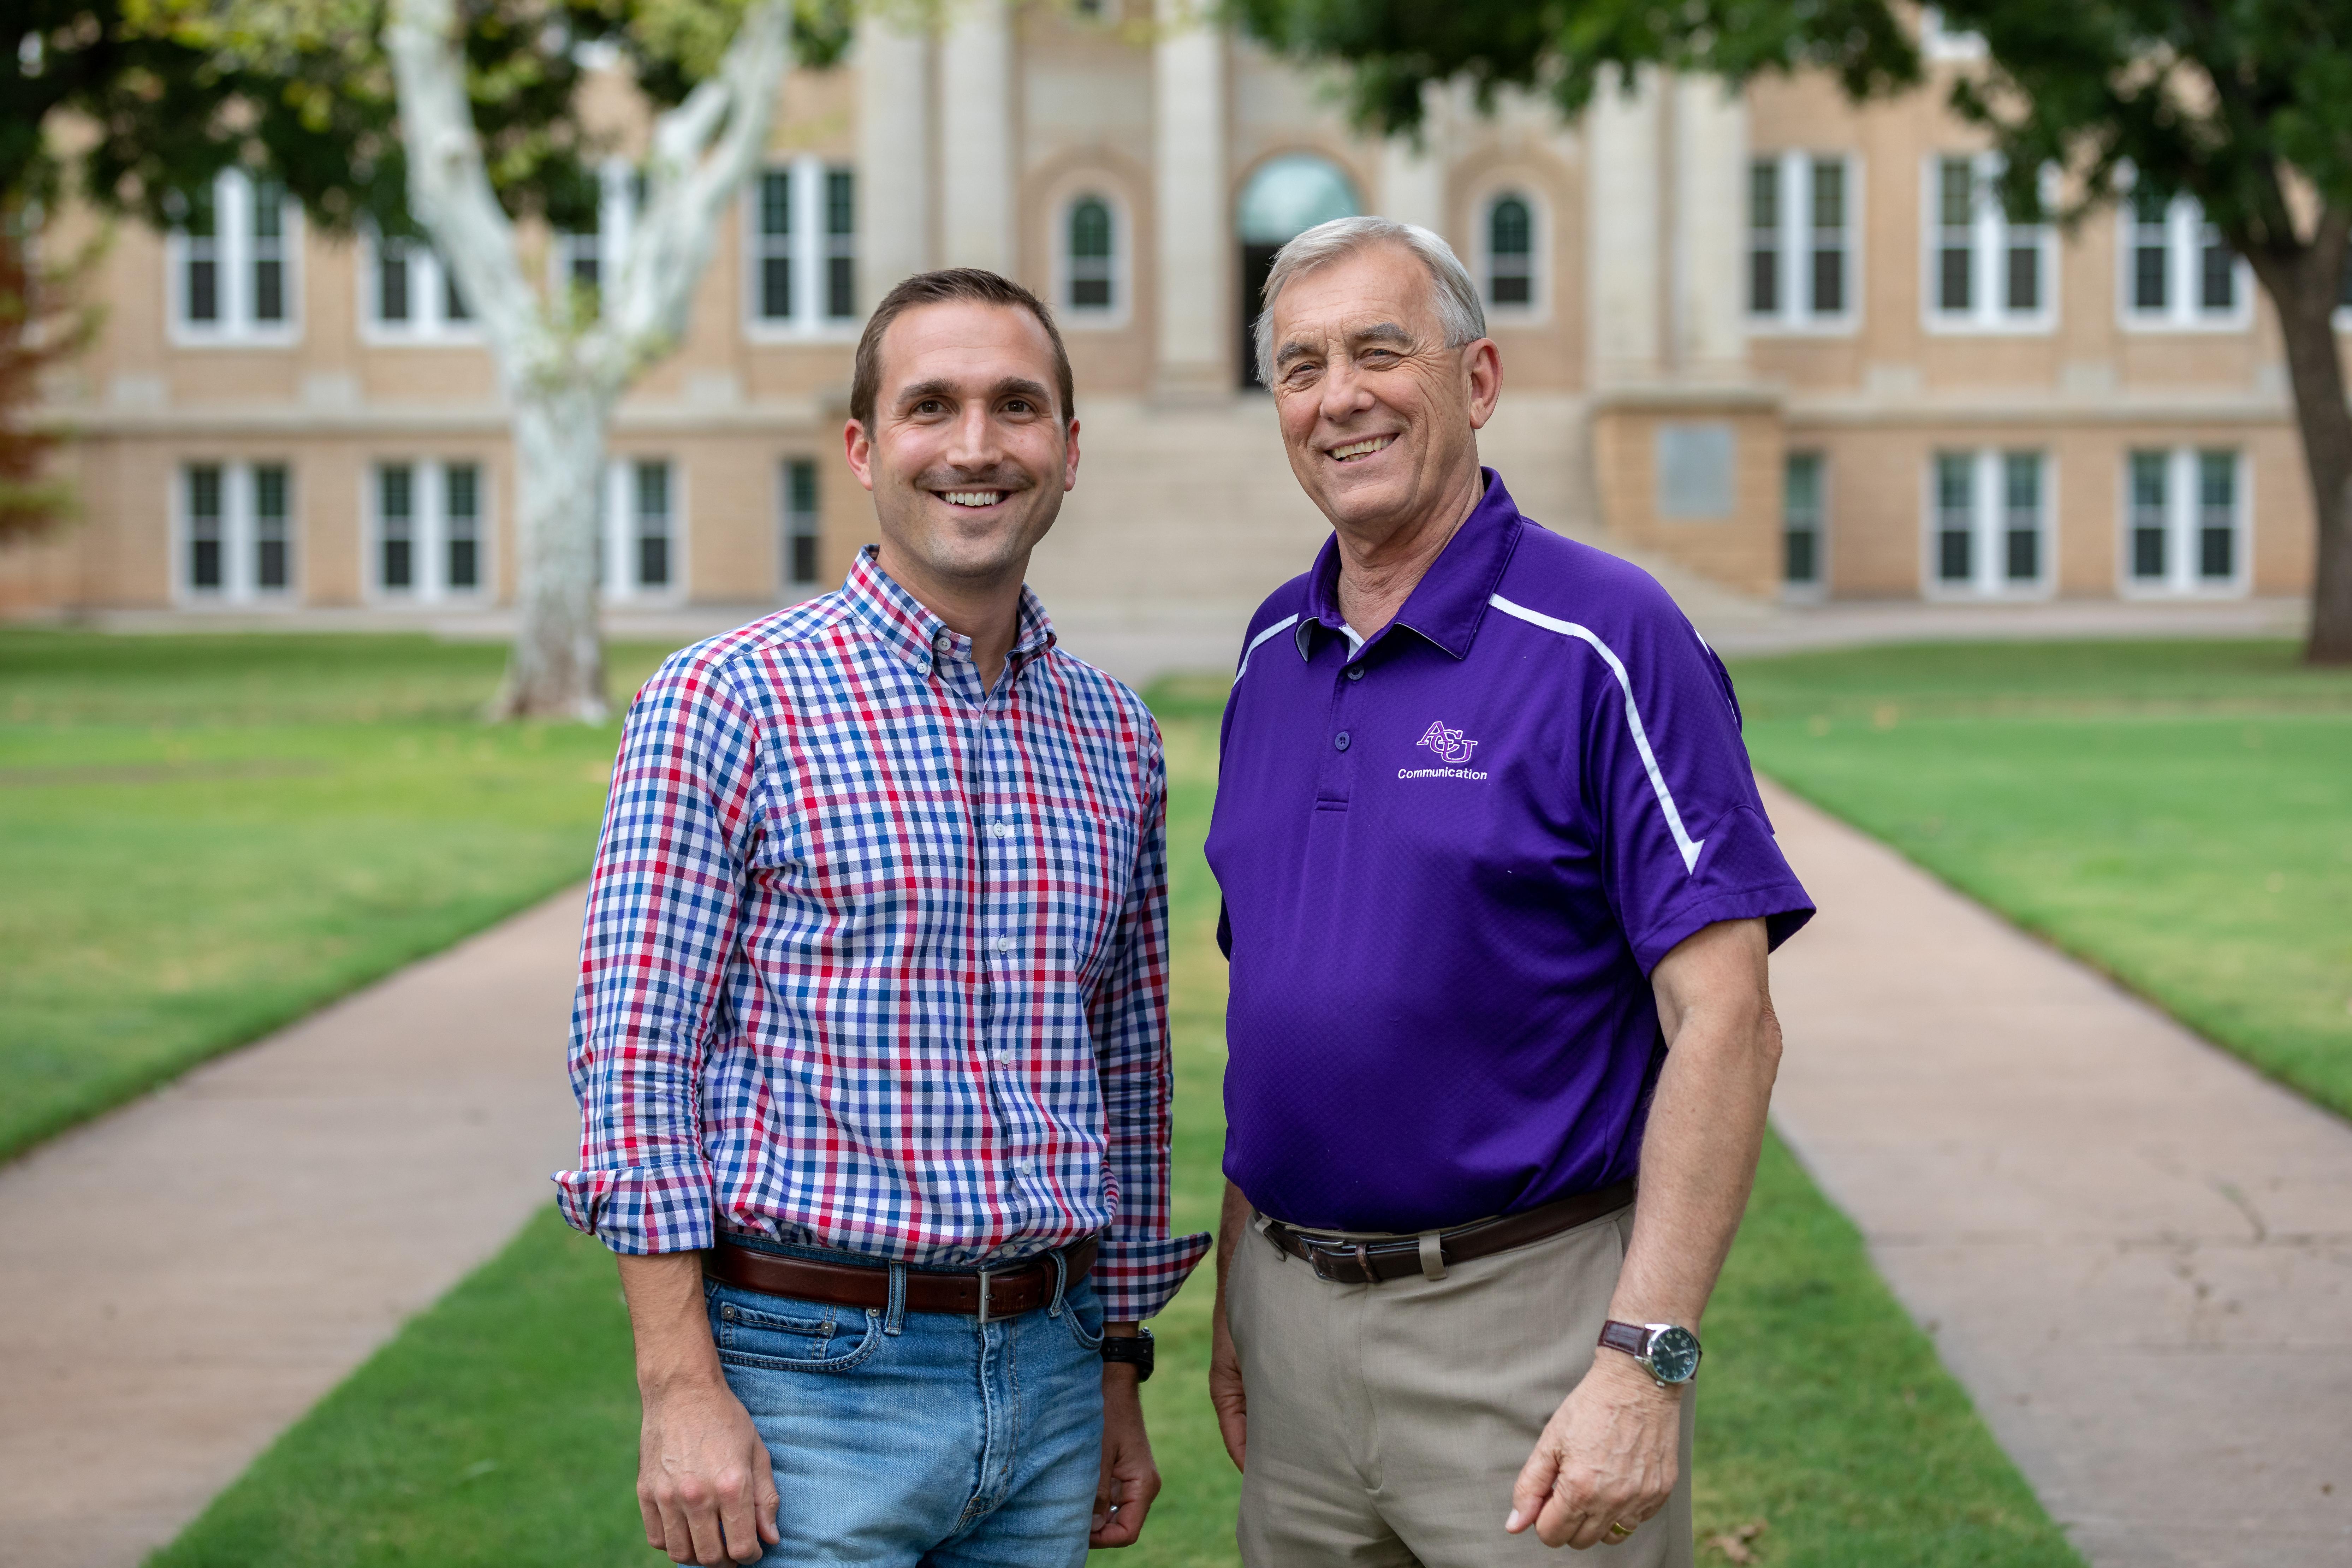 Dr. Justin Velten (left) and Dr. Carley Dodd